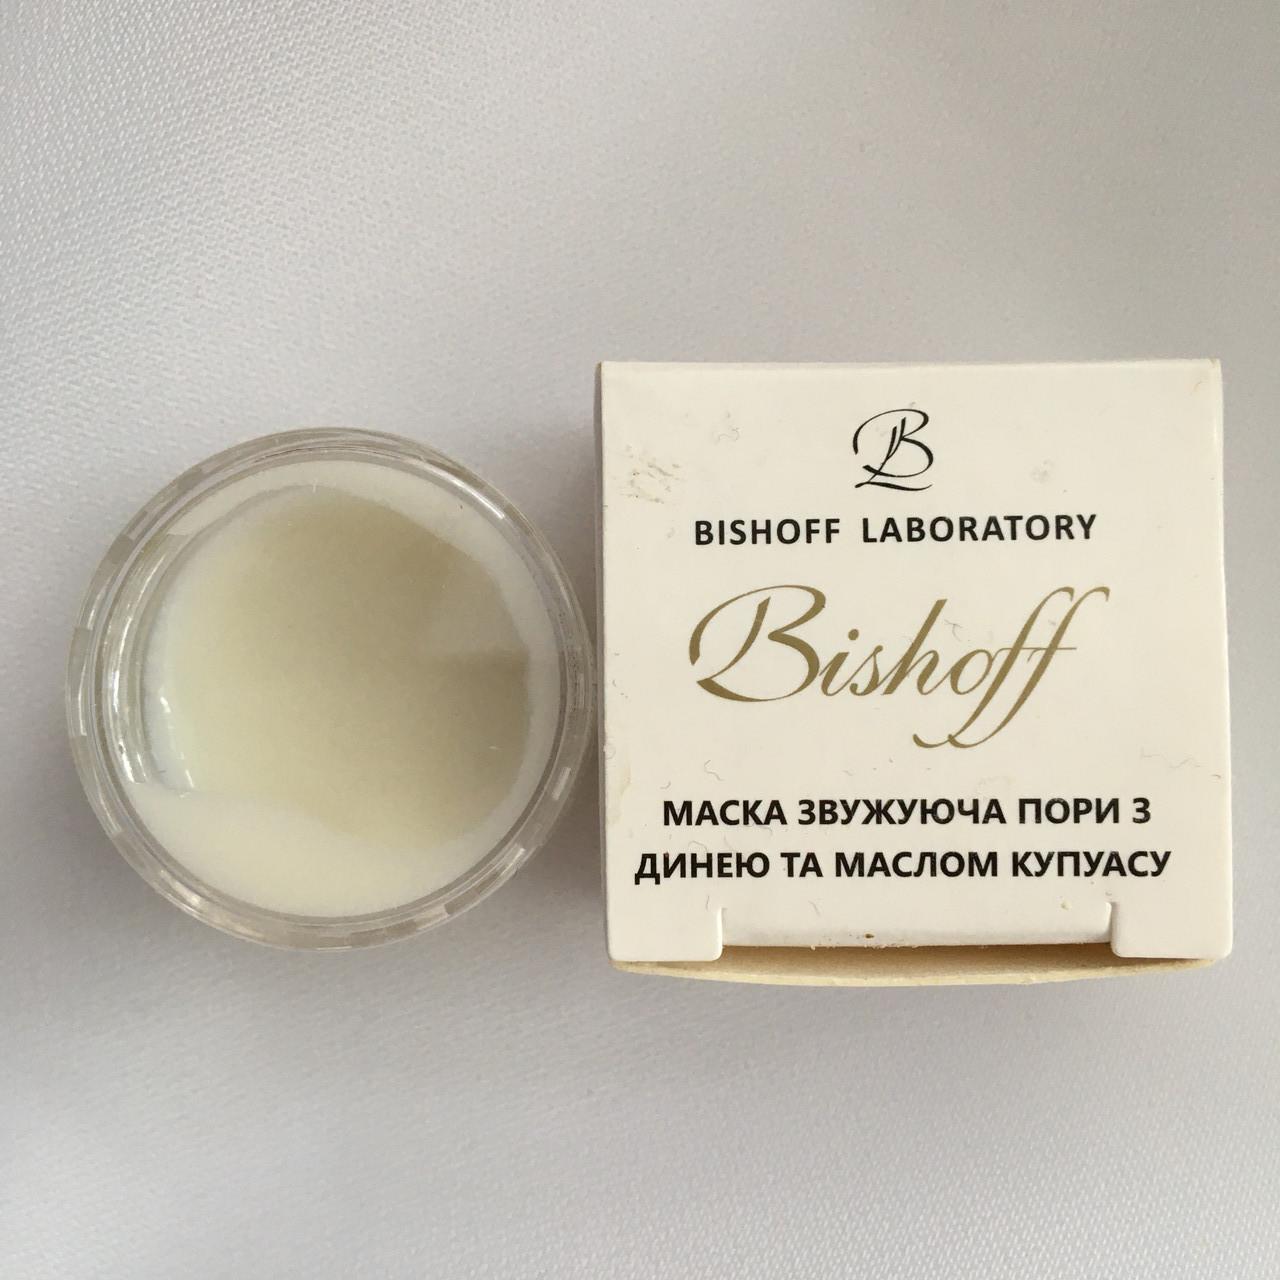 Маска Bishoff для звуження пор із динею і маслом купуасу Миниатюра / Пробник 2,5мл